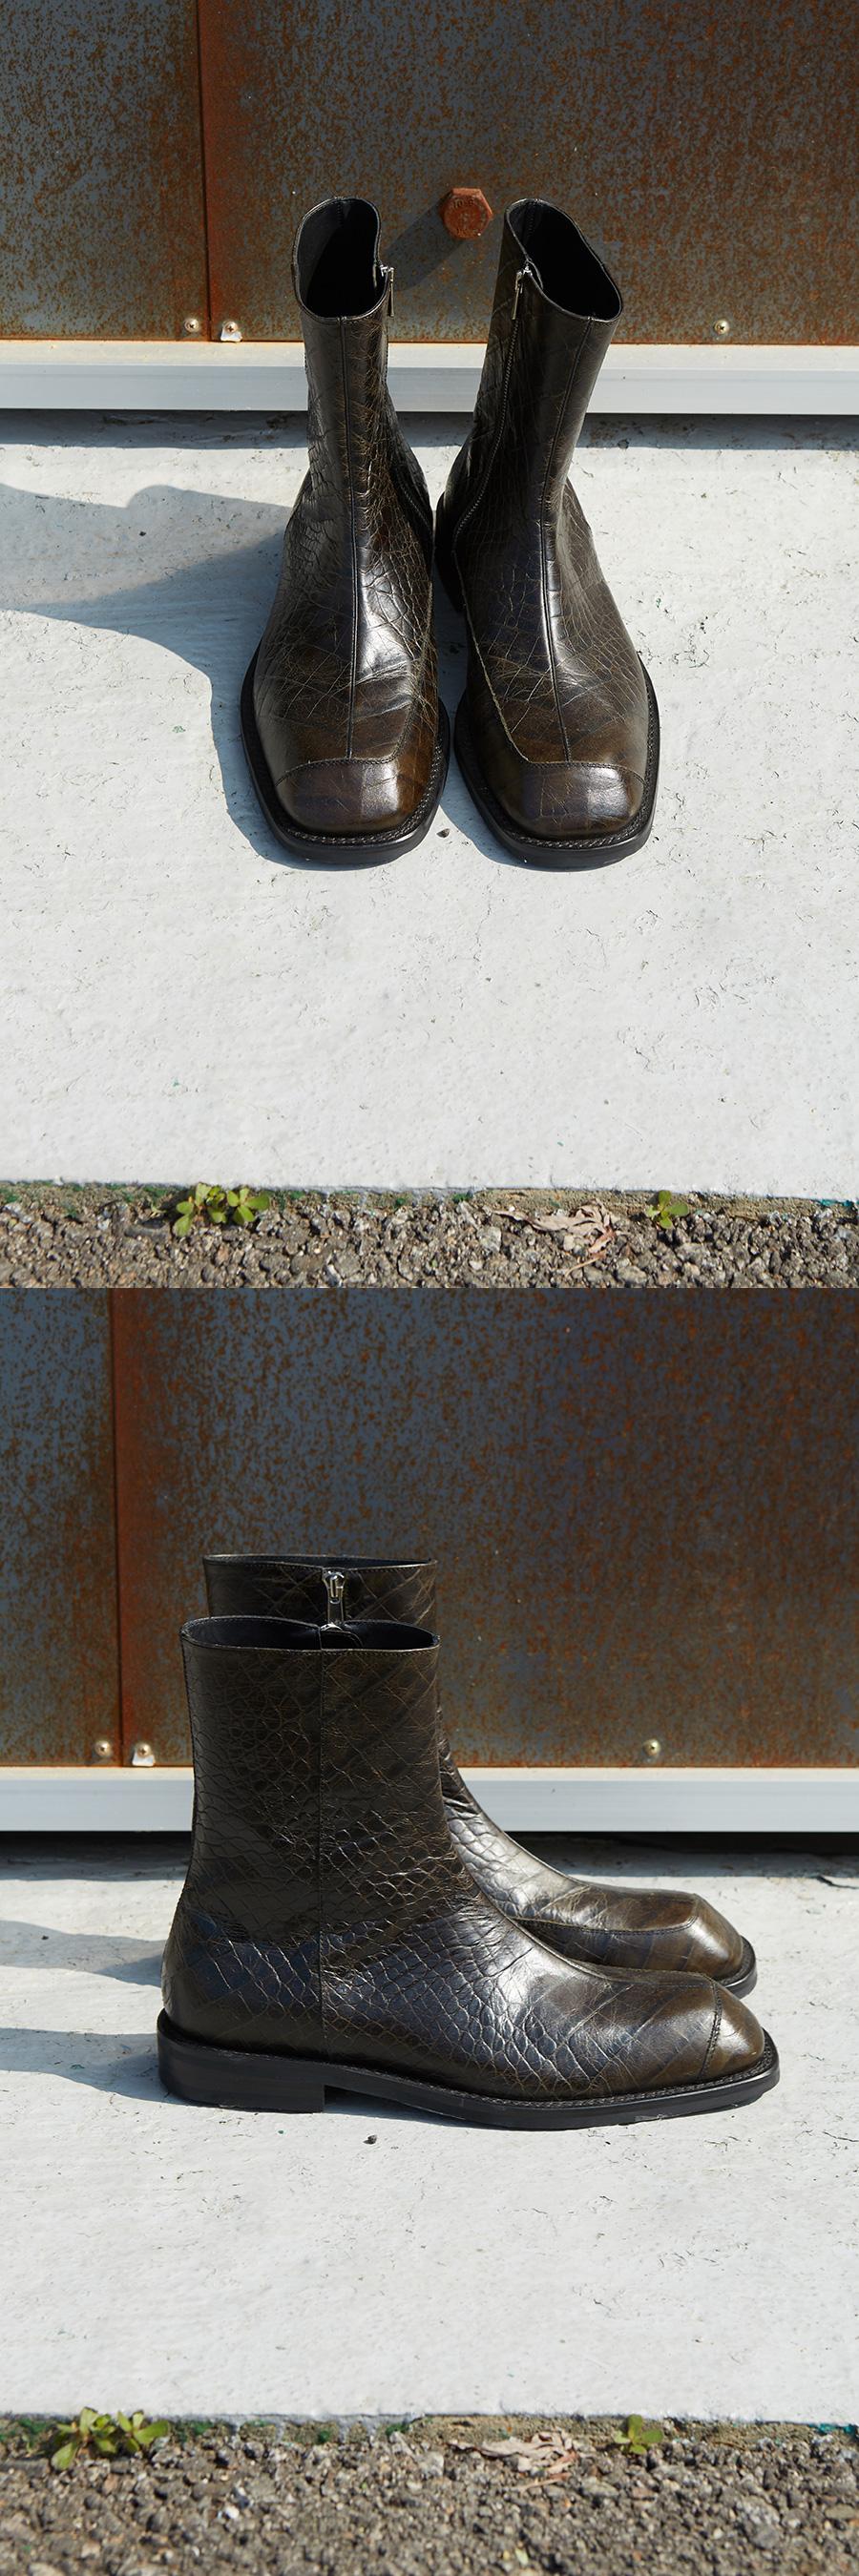 앤더슨벨(ANDERSSON BELL) 크록 뉴 패널 스퀘어 토 첼시 부츠 aaa257m(KHAKI/BLACK)